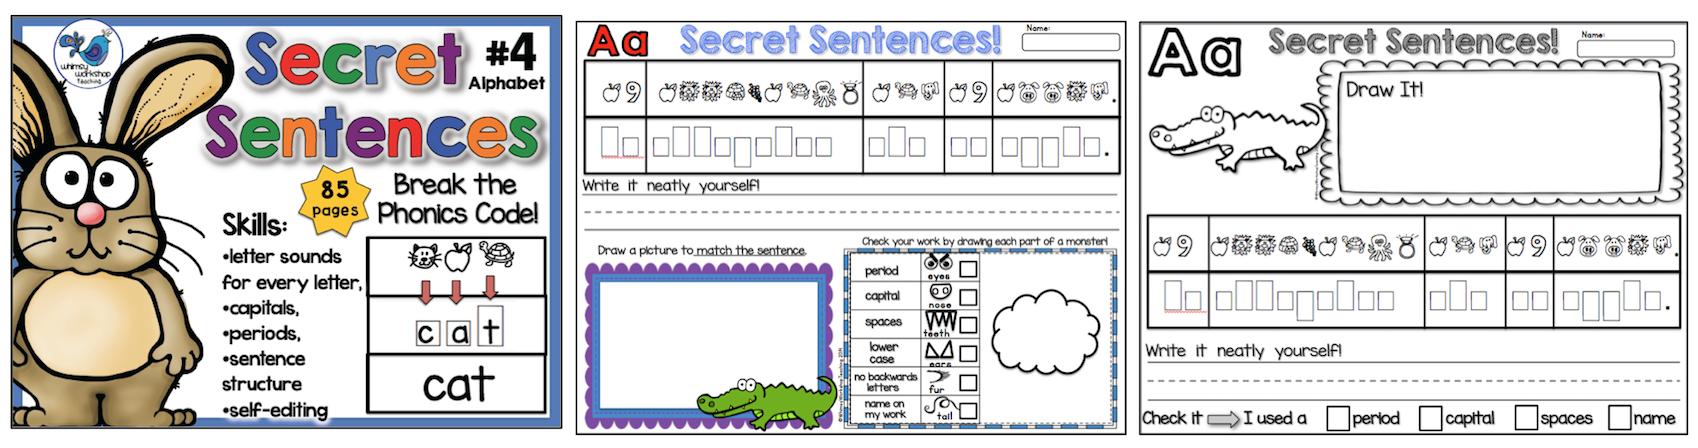 Secret Sentences 4